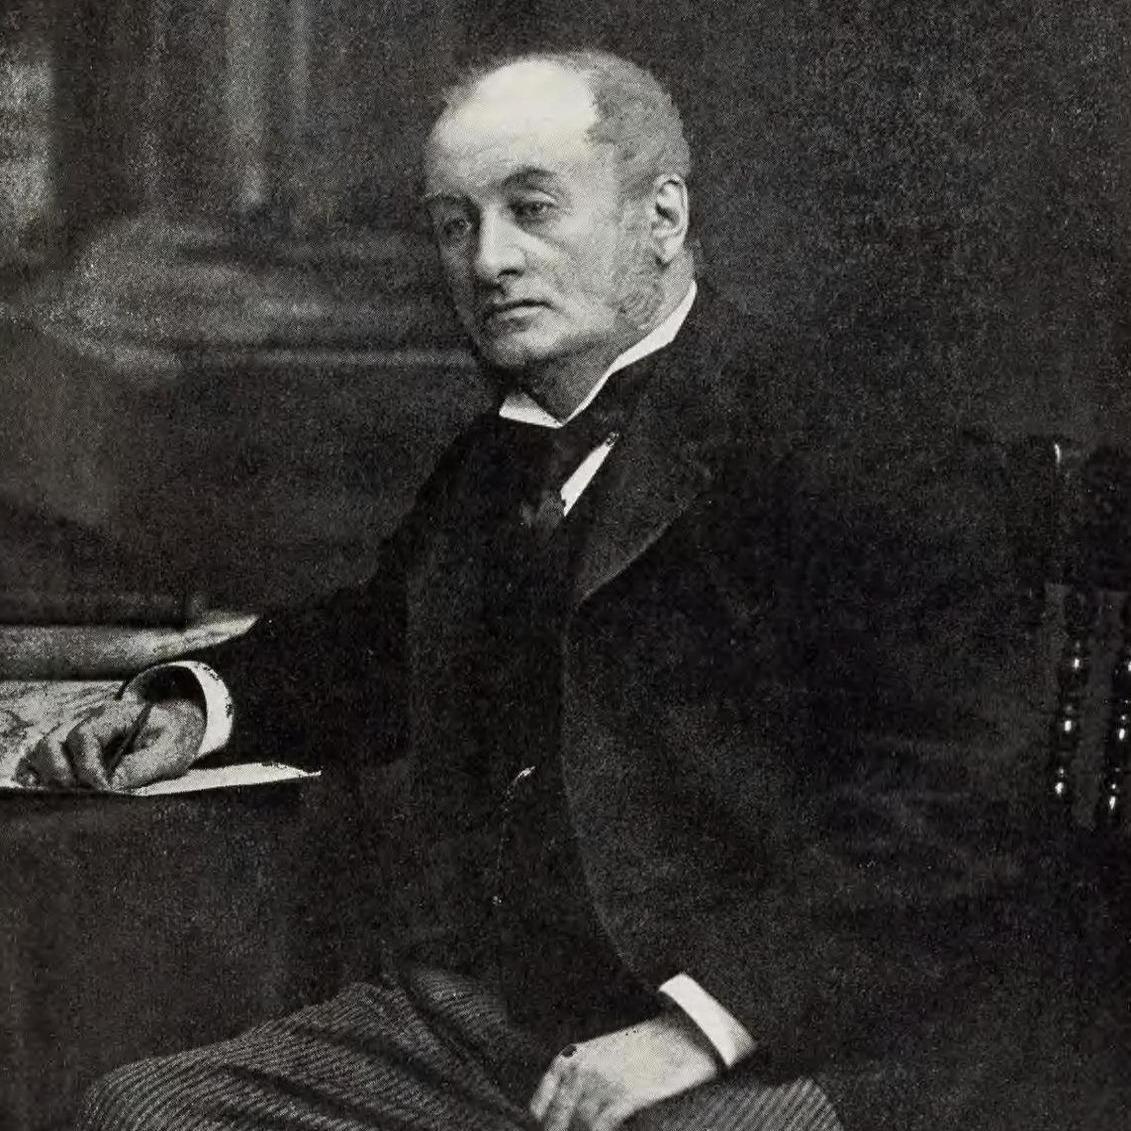 Sir Clemment Markham